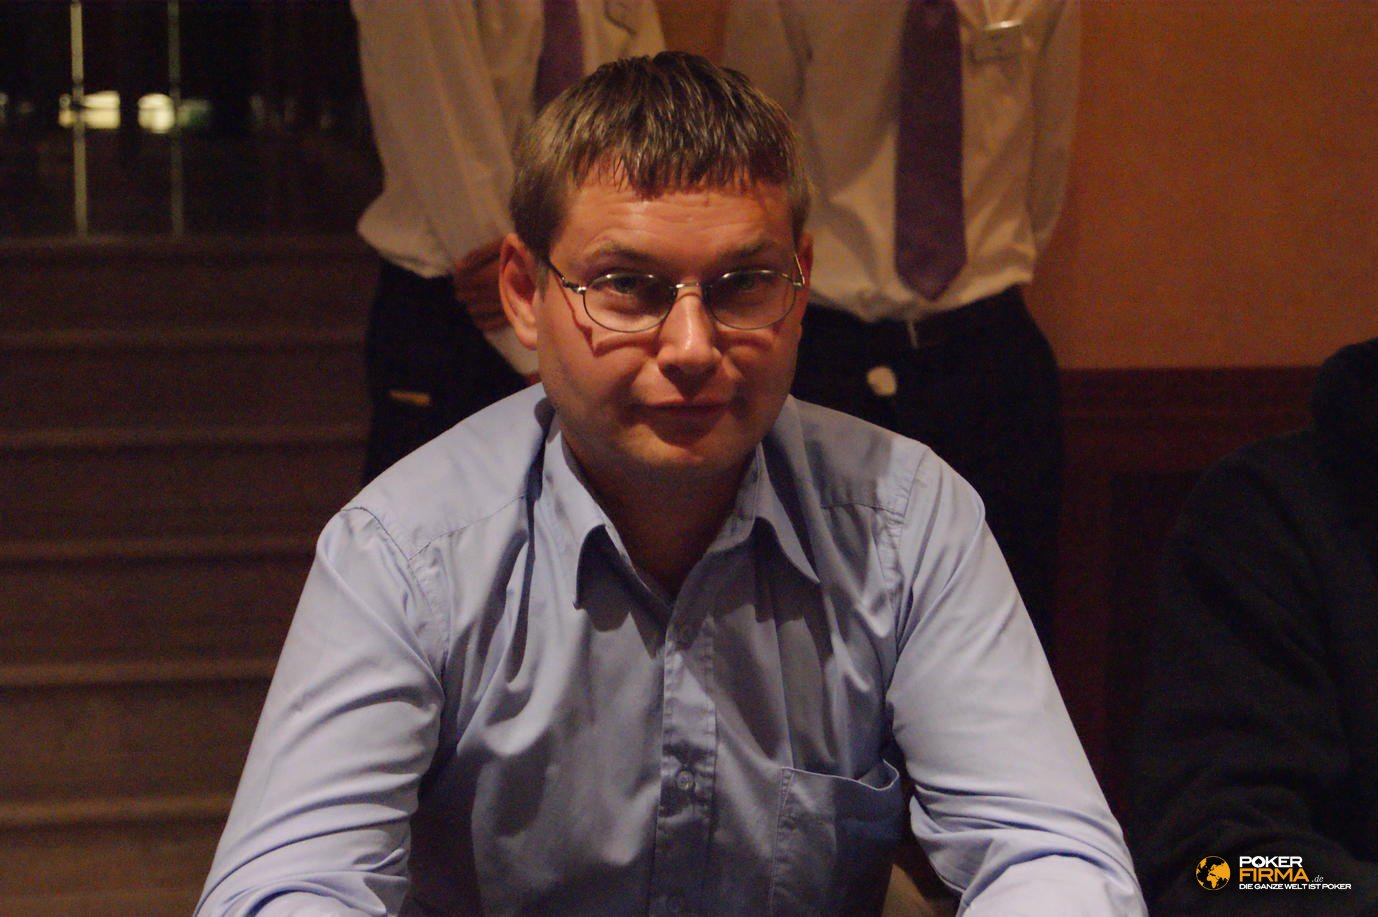 Poker_EM_2000_NLH_251011_Thomas_Hofmann